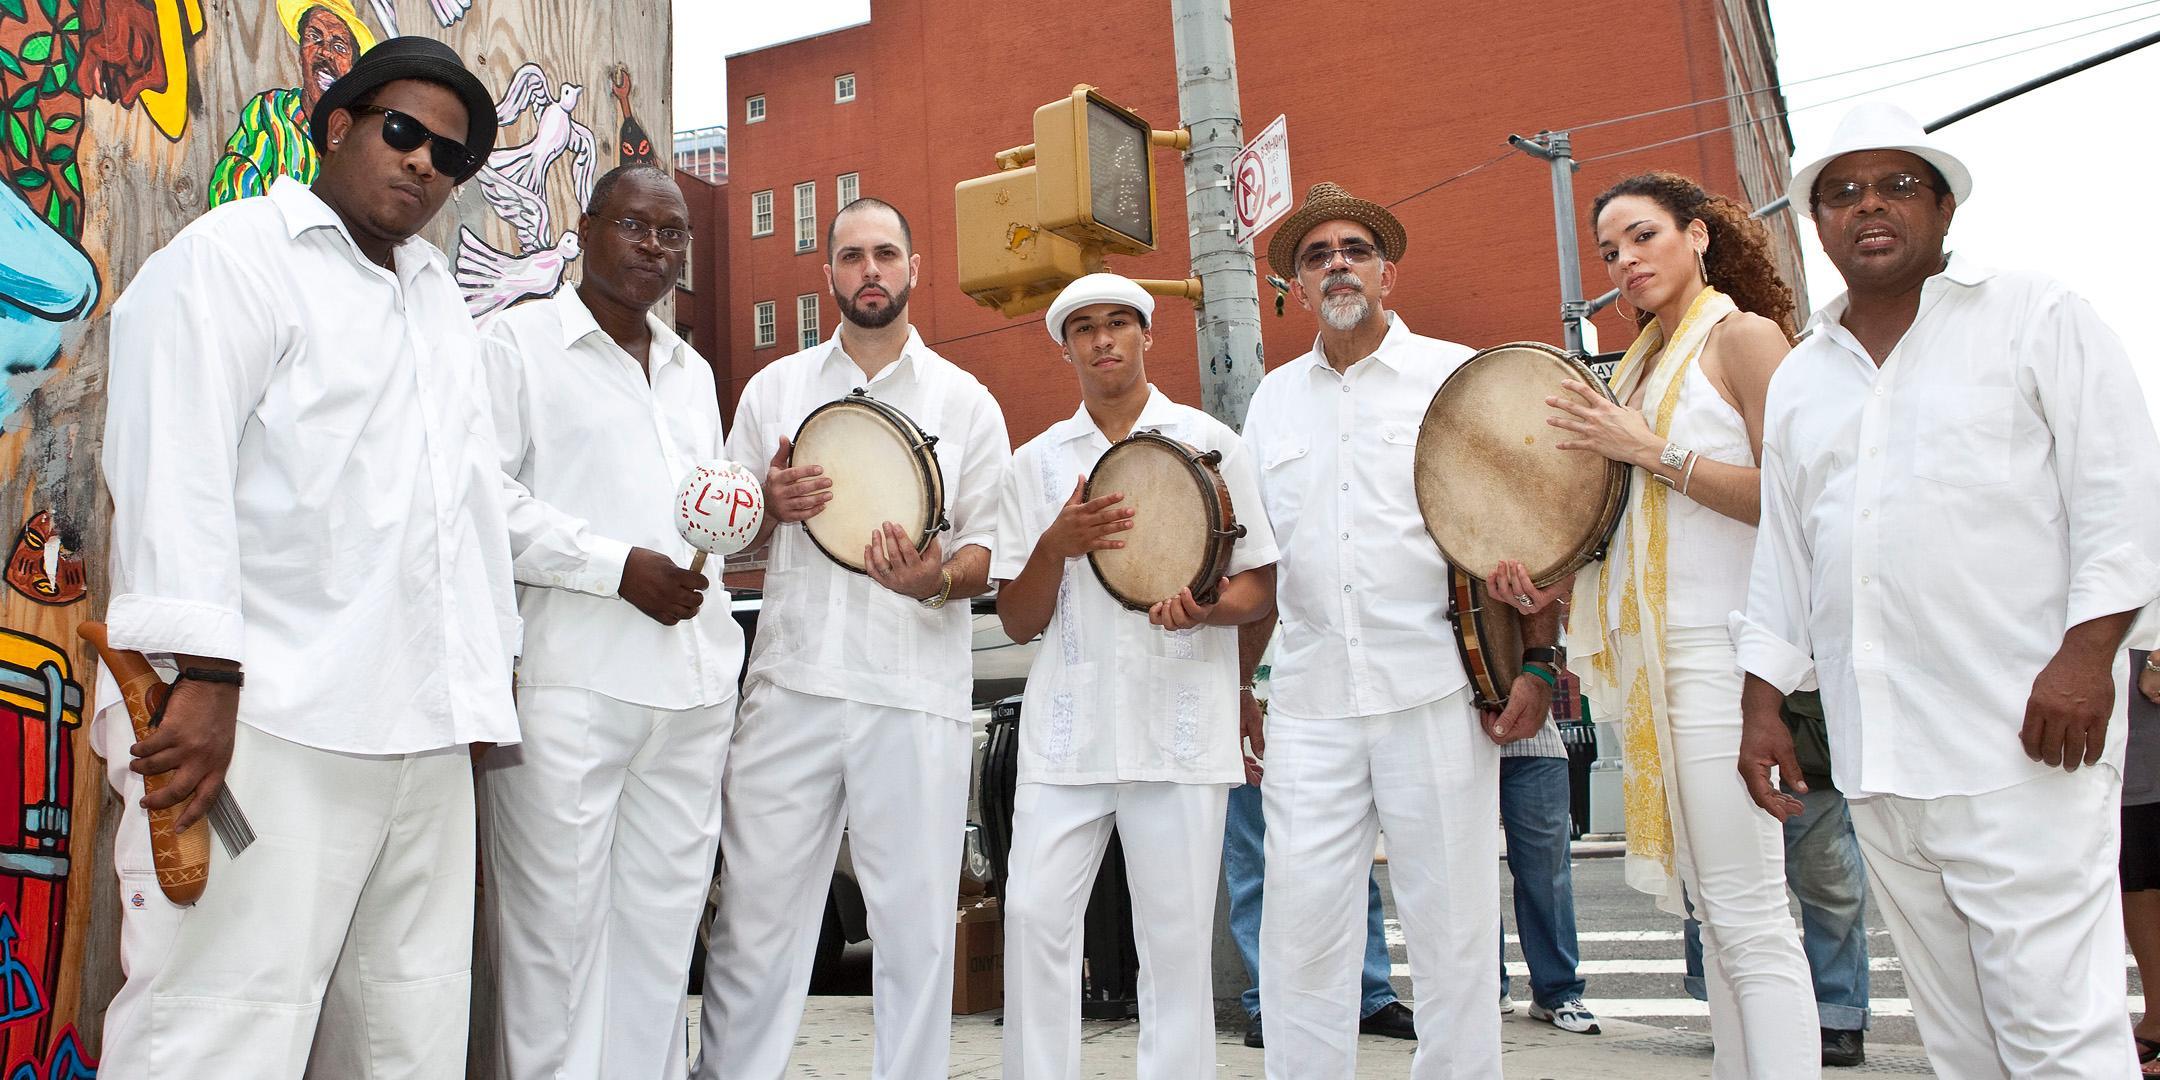 Los Pleneros de la 21: Christmas in El Barrio  | Events Calendar